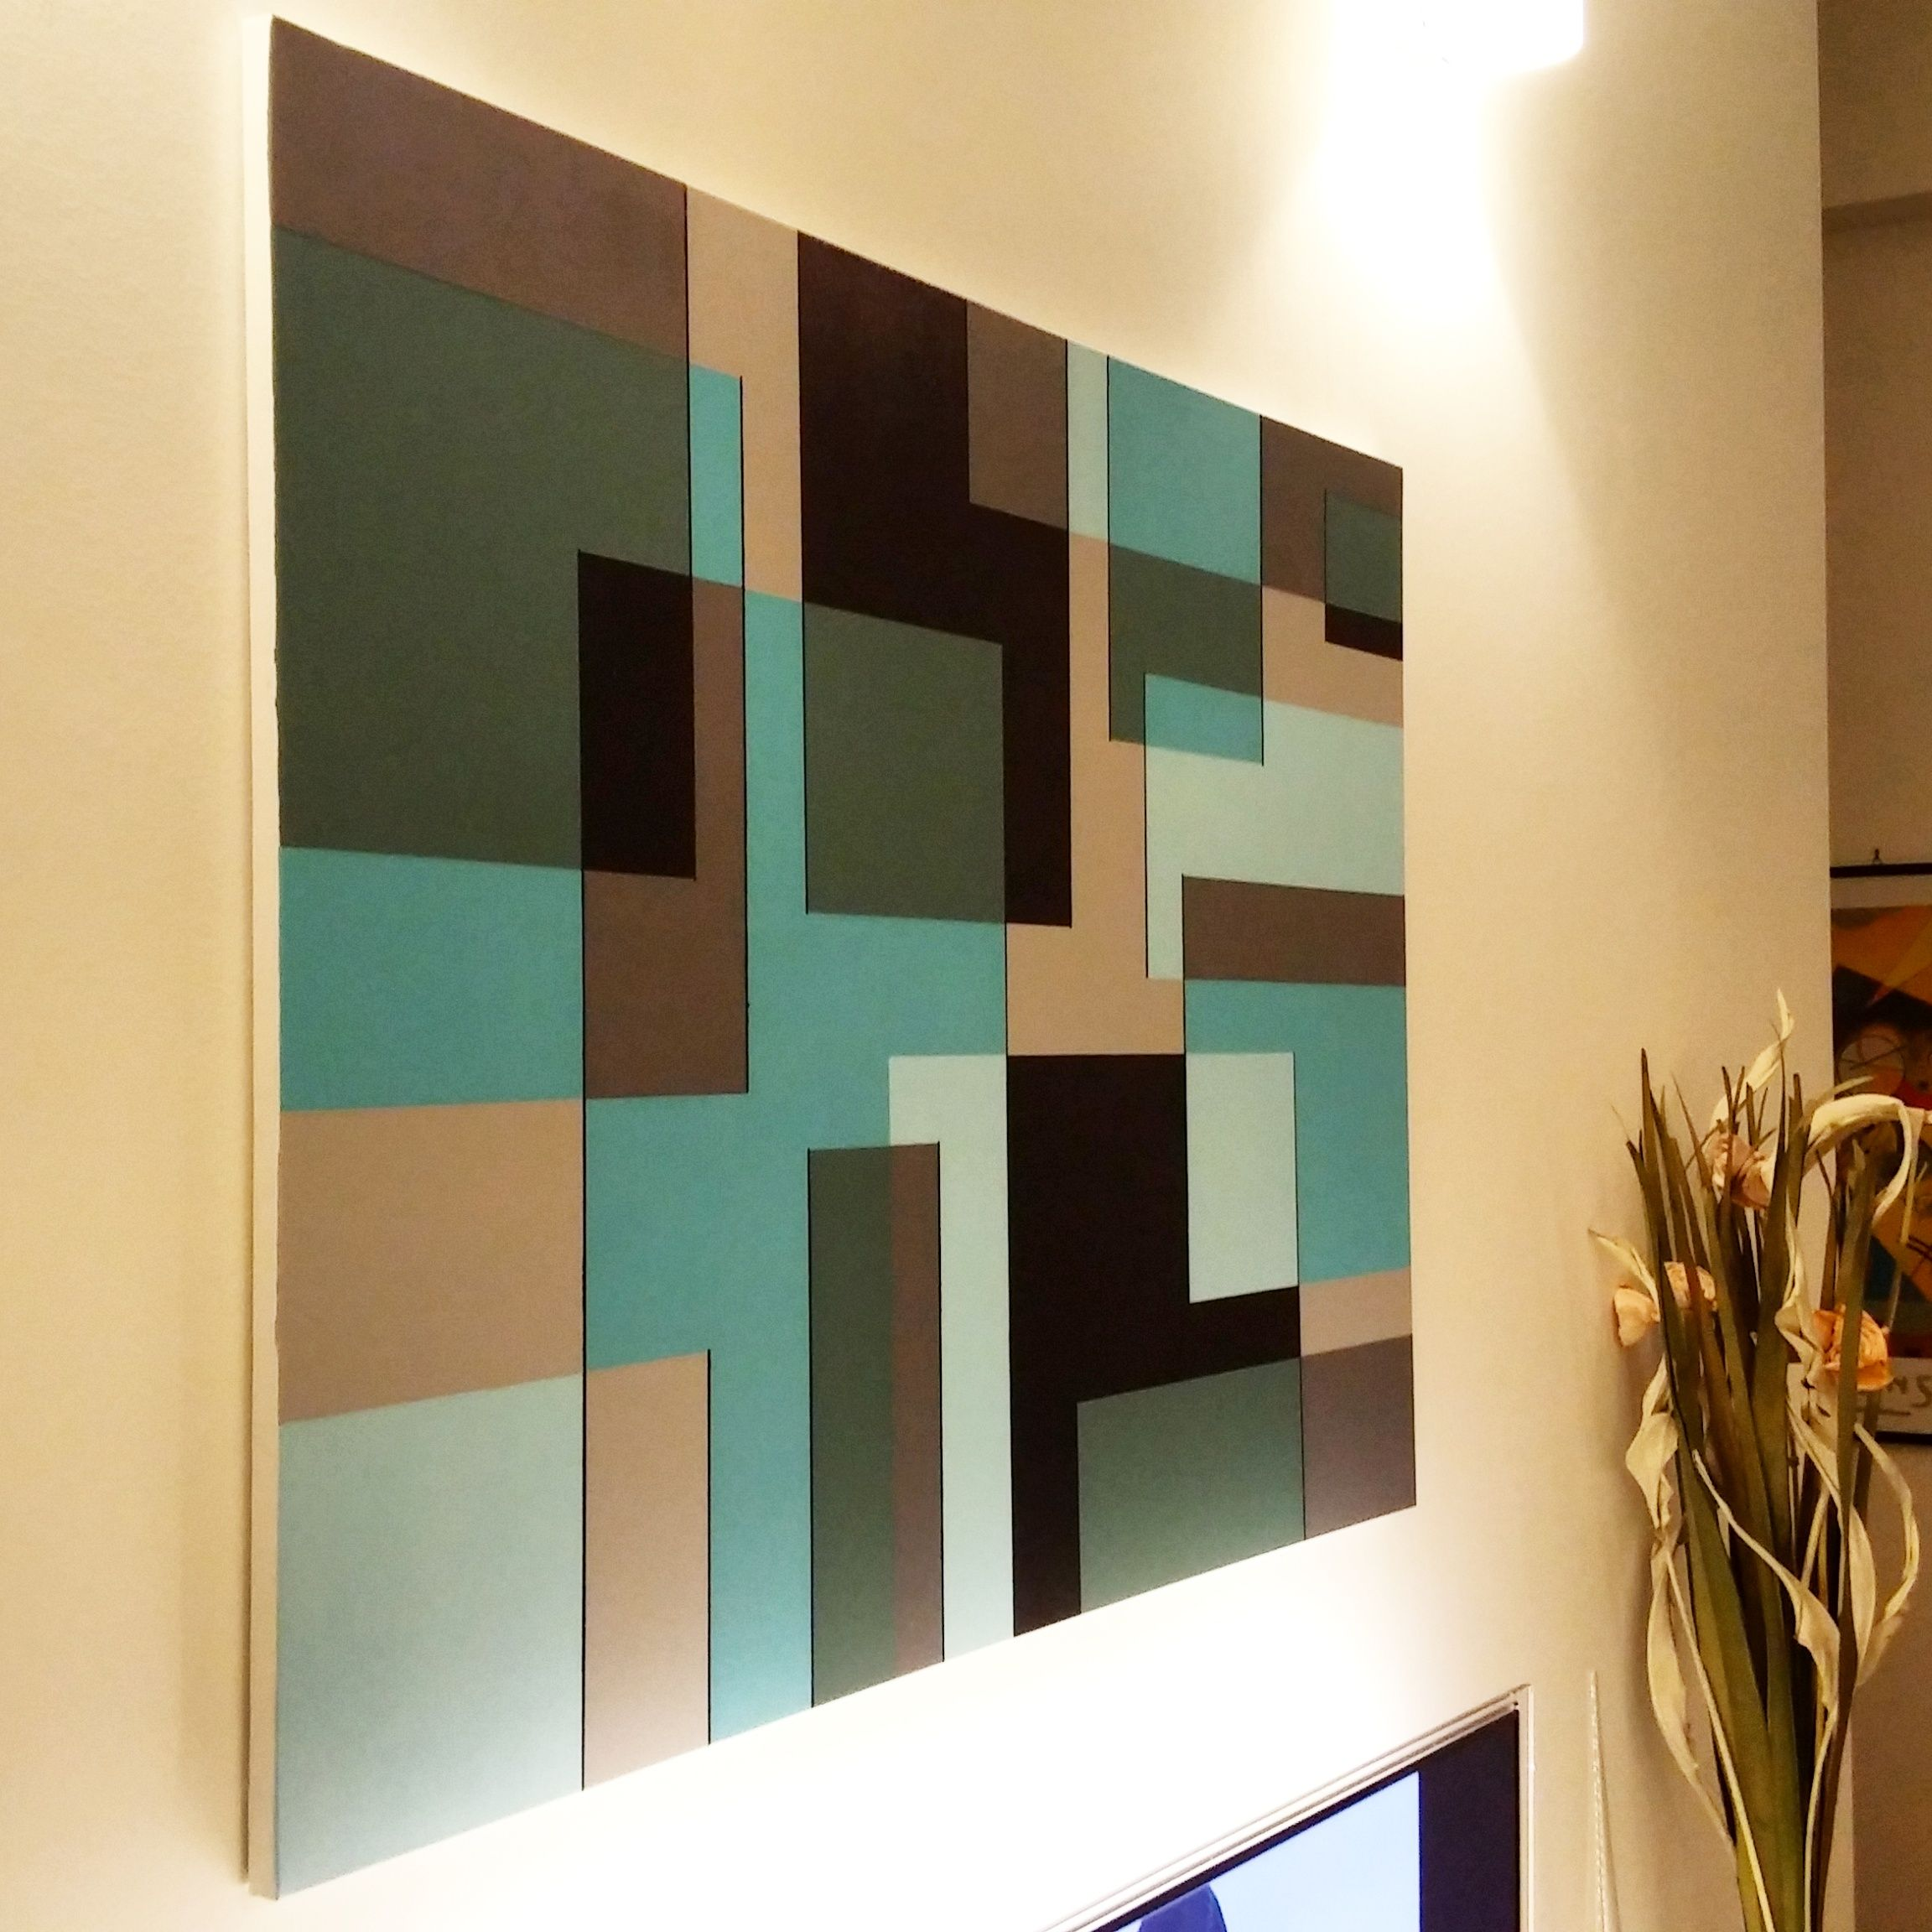 Sovrapposizione Di Colori   Pittura Geometrica   Acrilico Su Tela   Gaetano  Massaro   Palermo